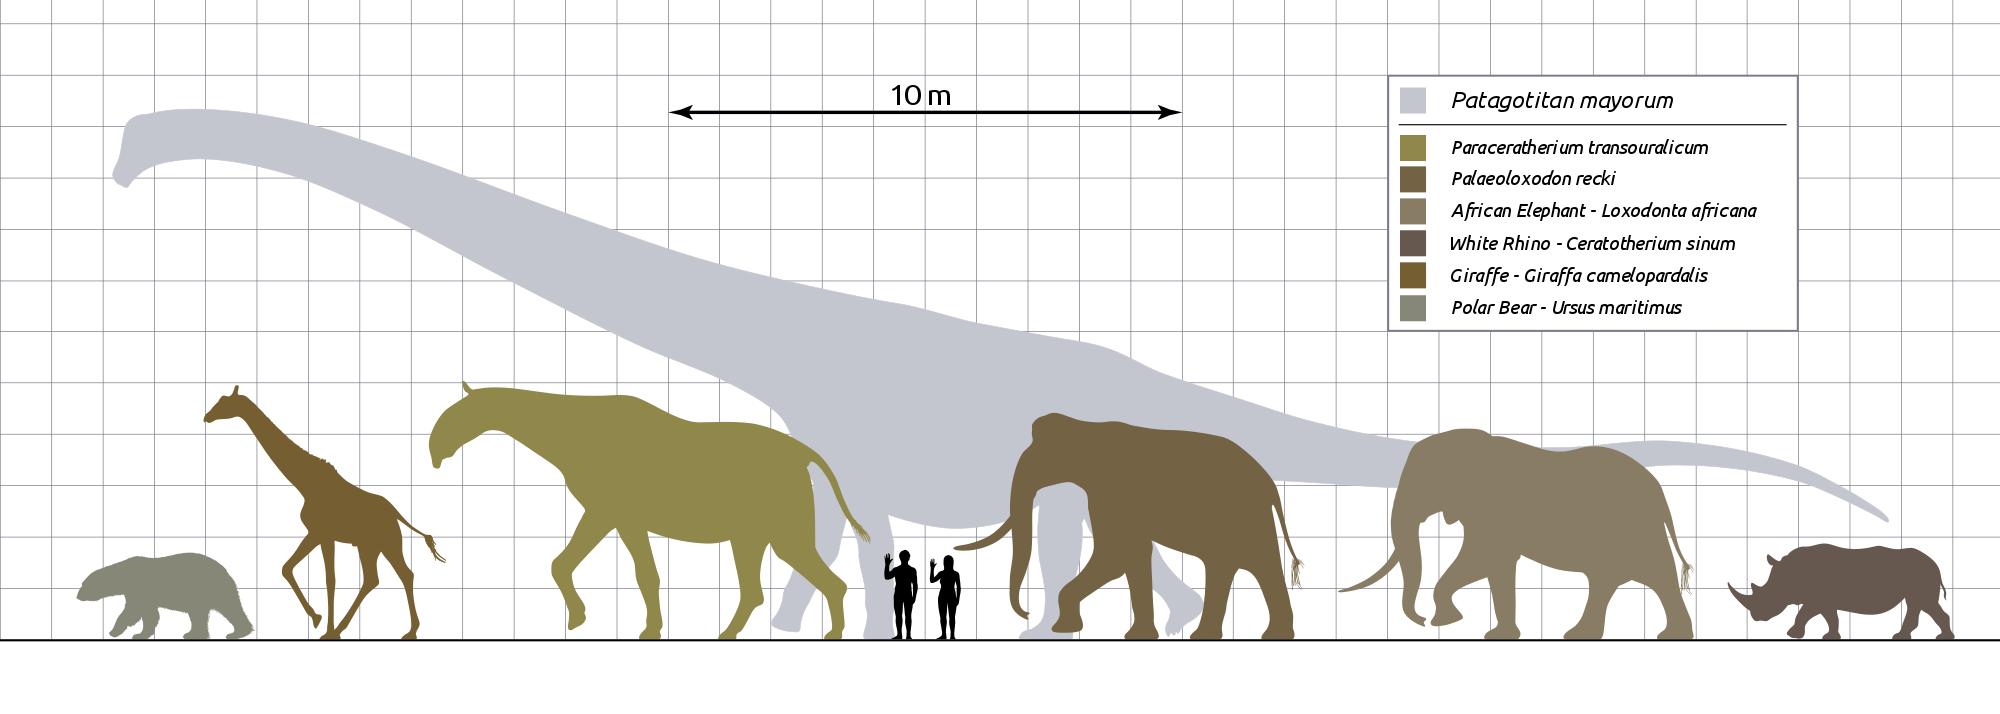 Сравнение потаготитана с другими животными